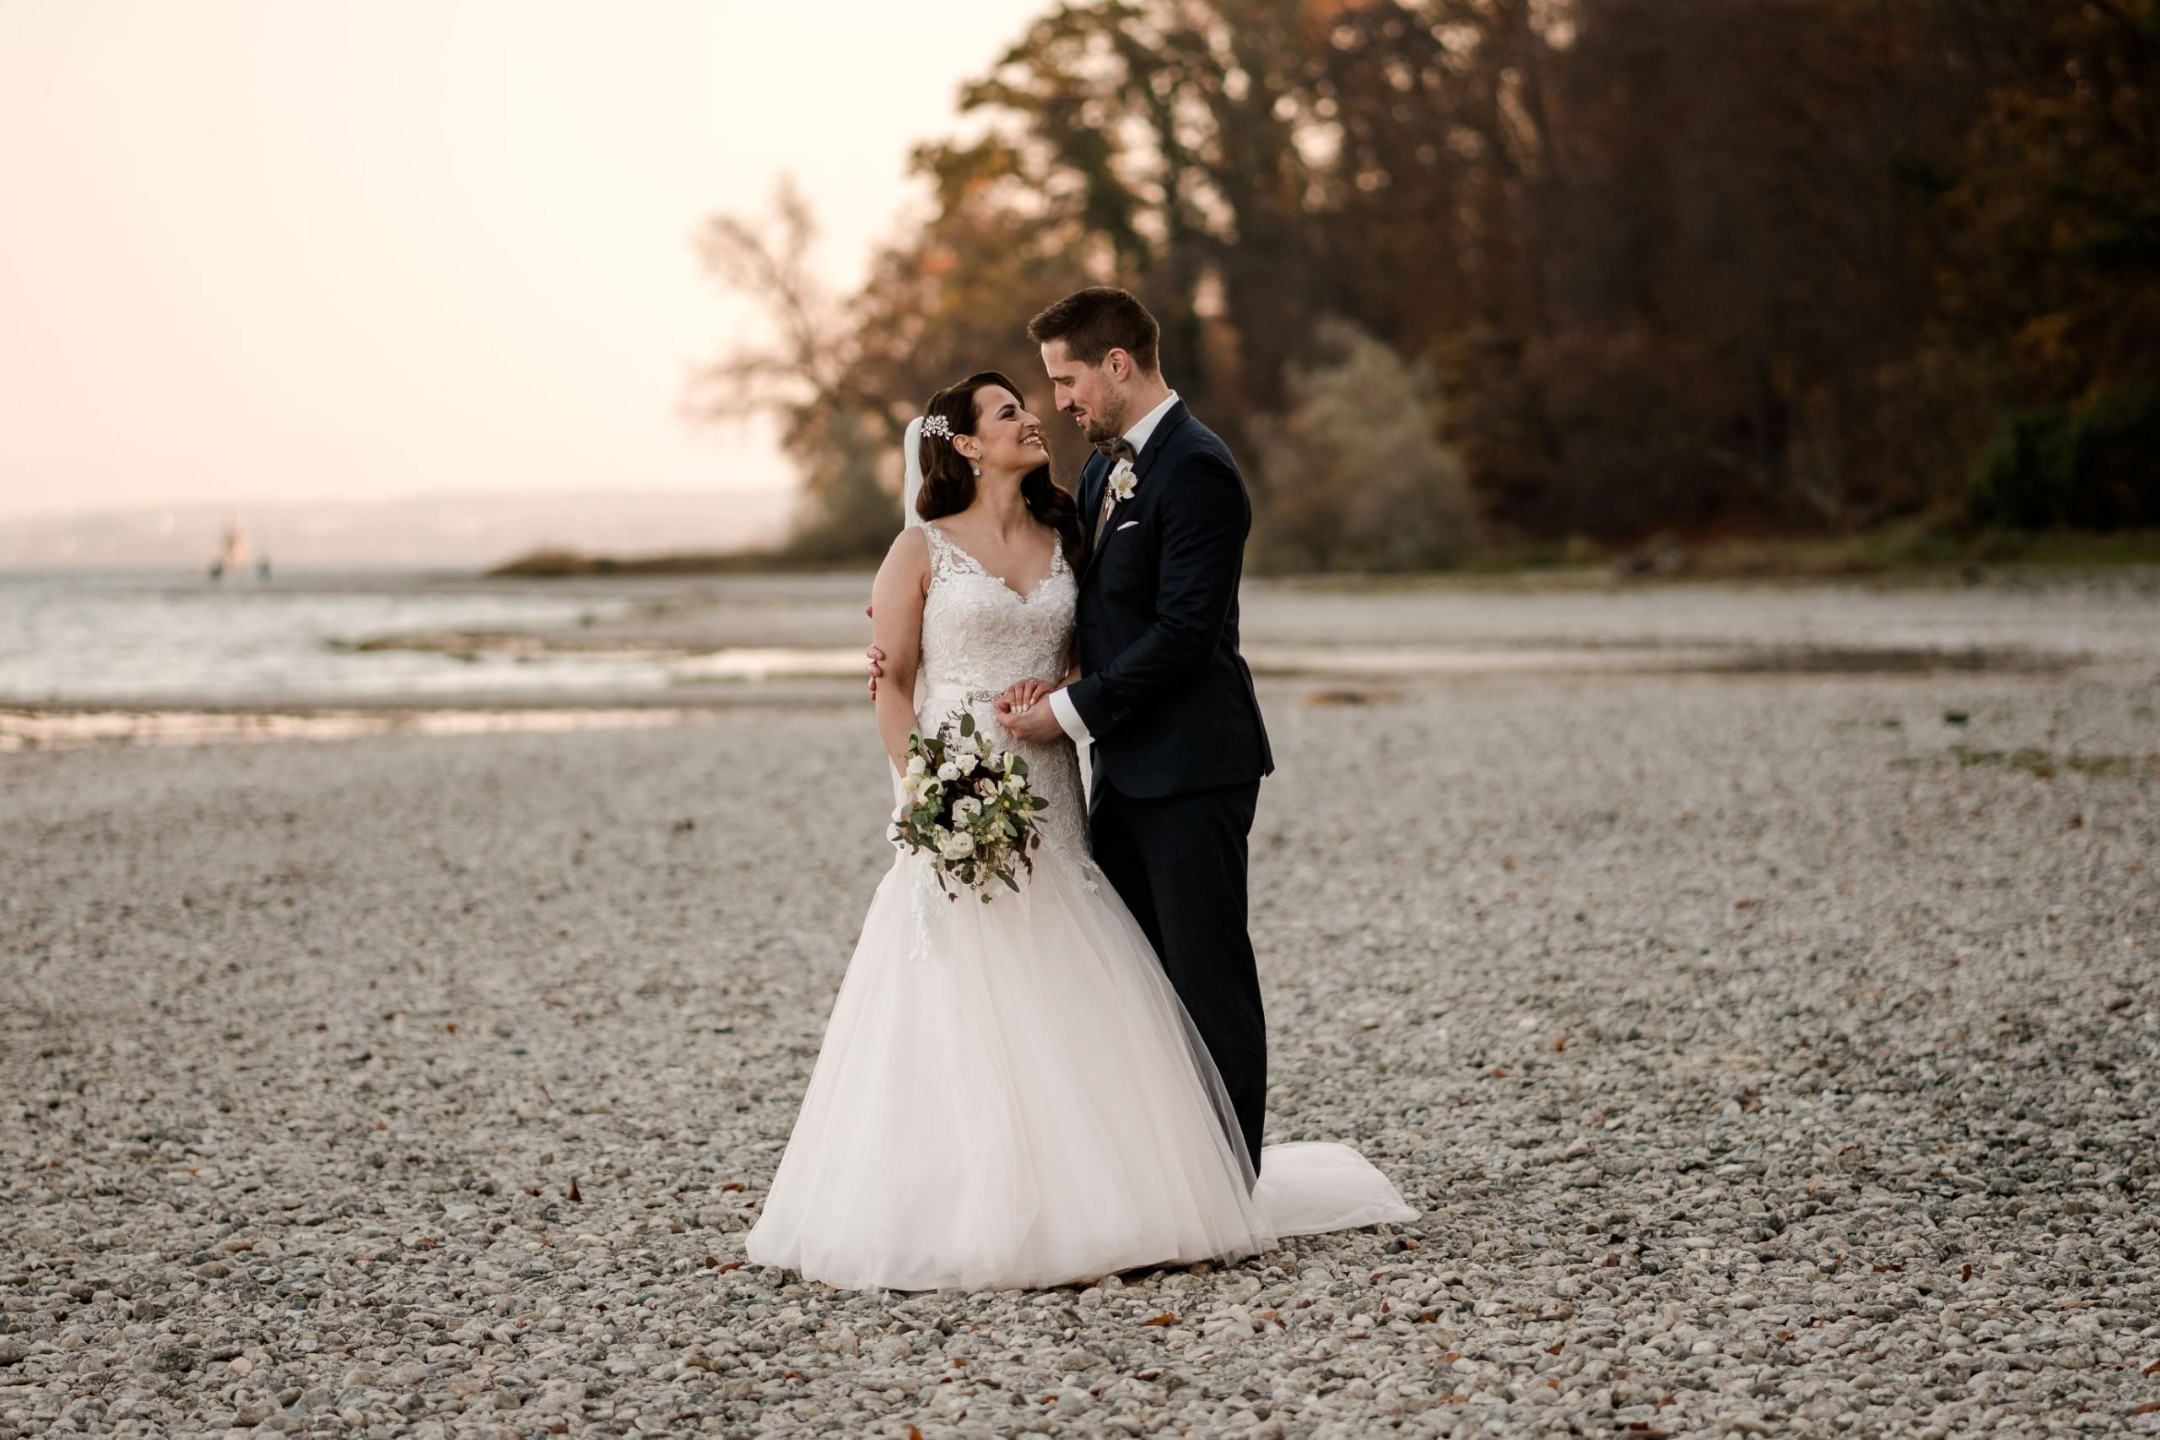 Aida + Tim | Hochzeitsfotografen am Bodensee Ufer 39, Wallhausen